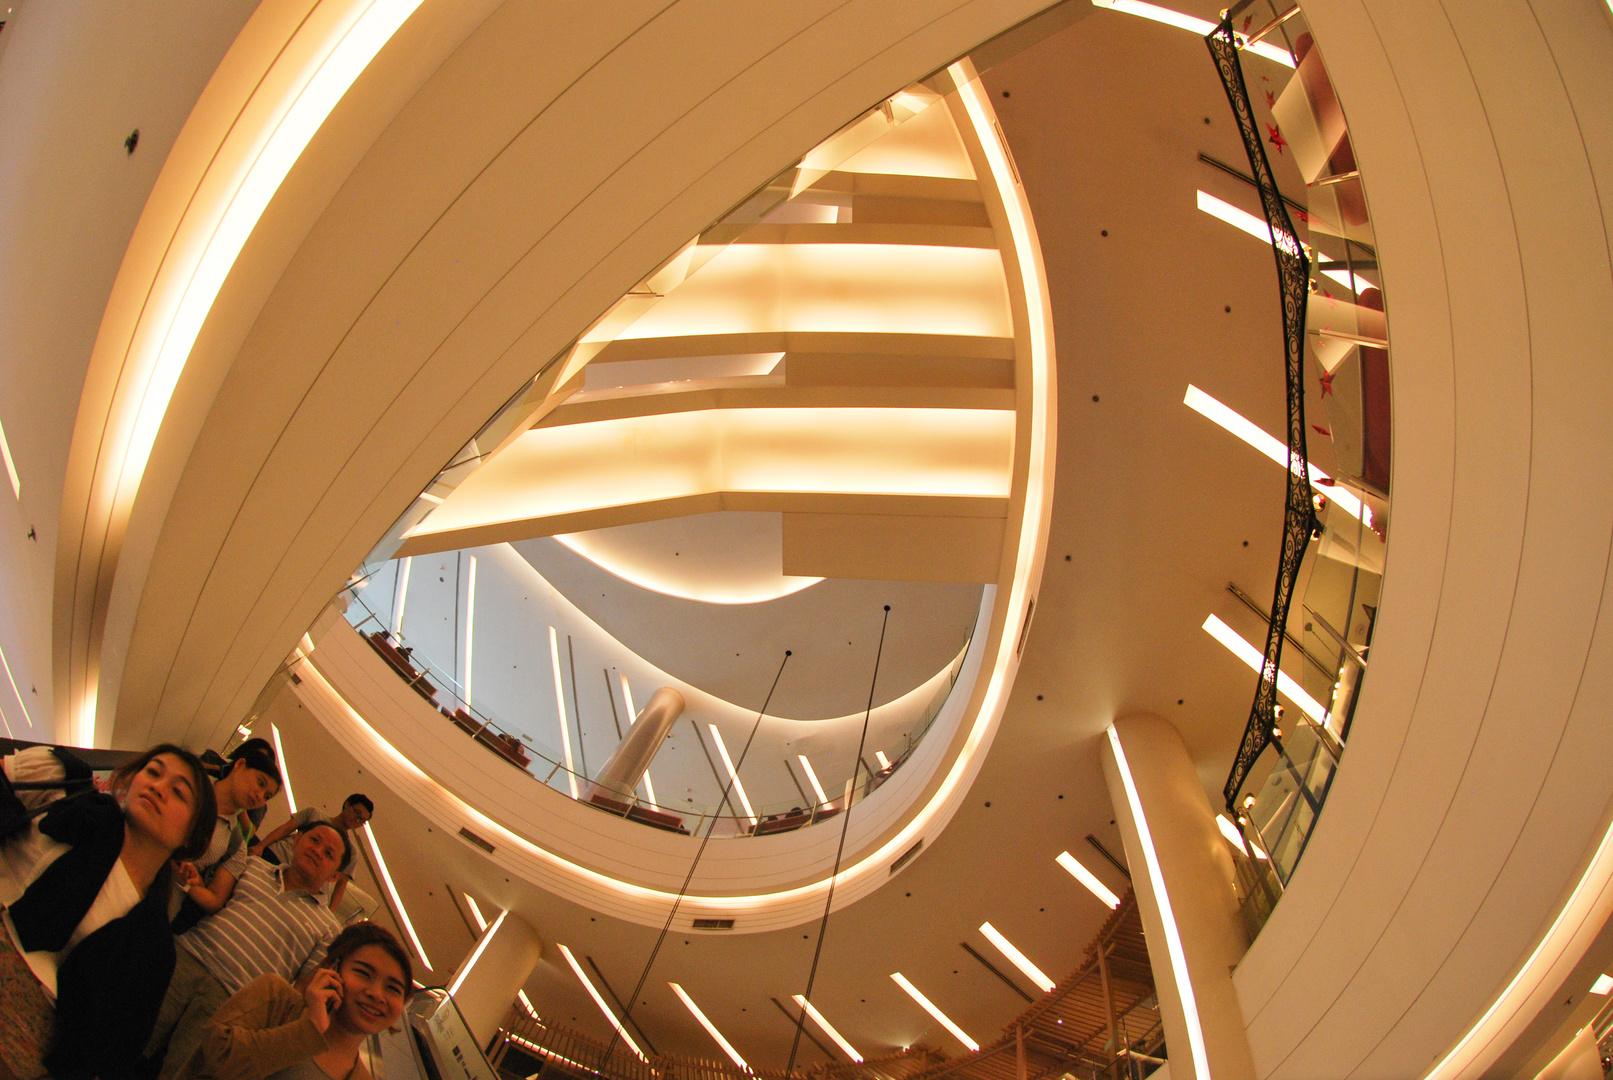 Siam Paragon Shopping Mall